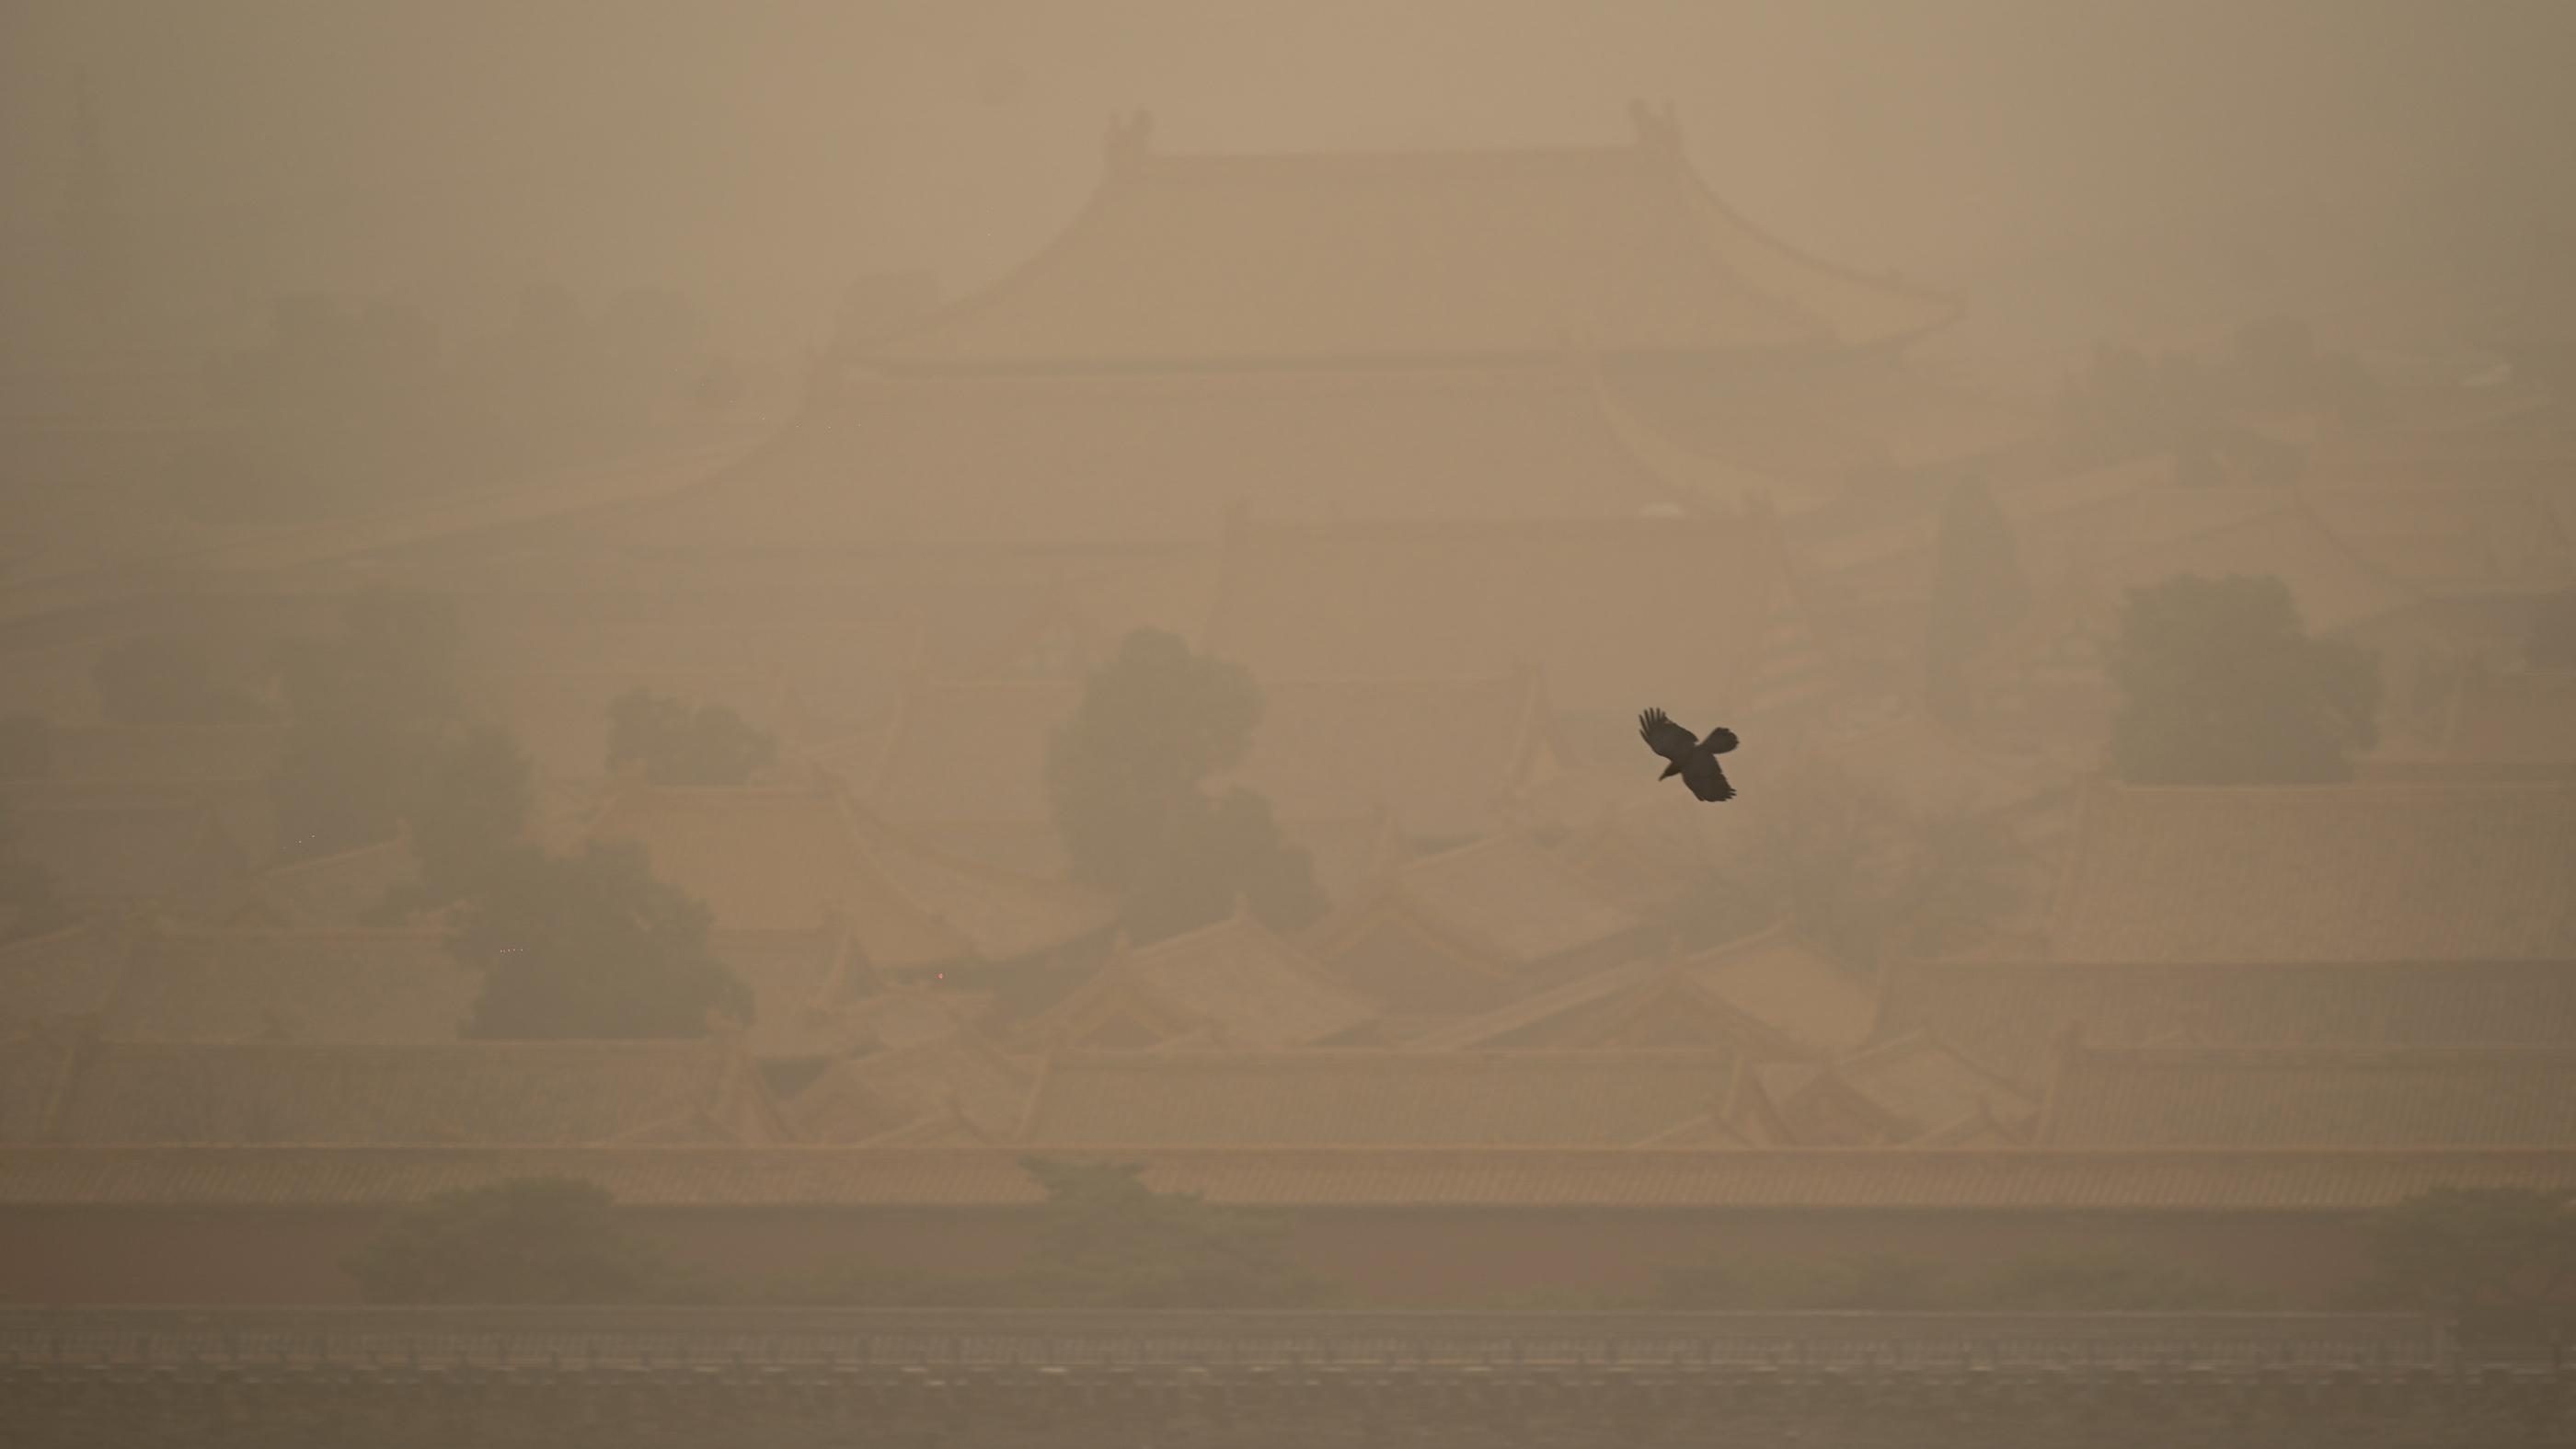 Un corbeau vole à travers la poussière épaisse au-dessus du Palais de la Cité Interdite.